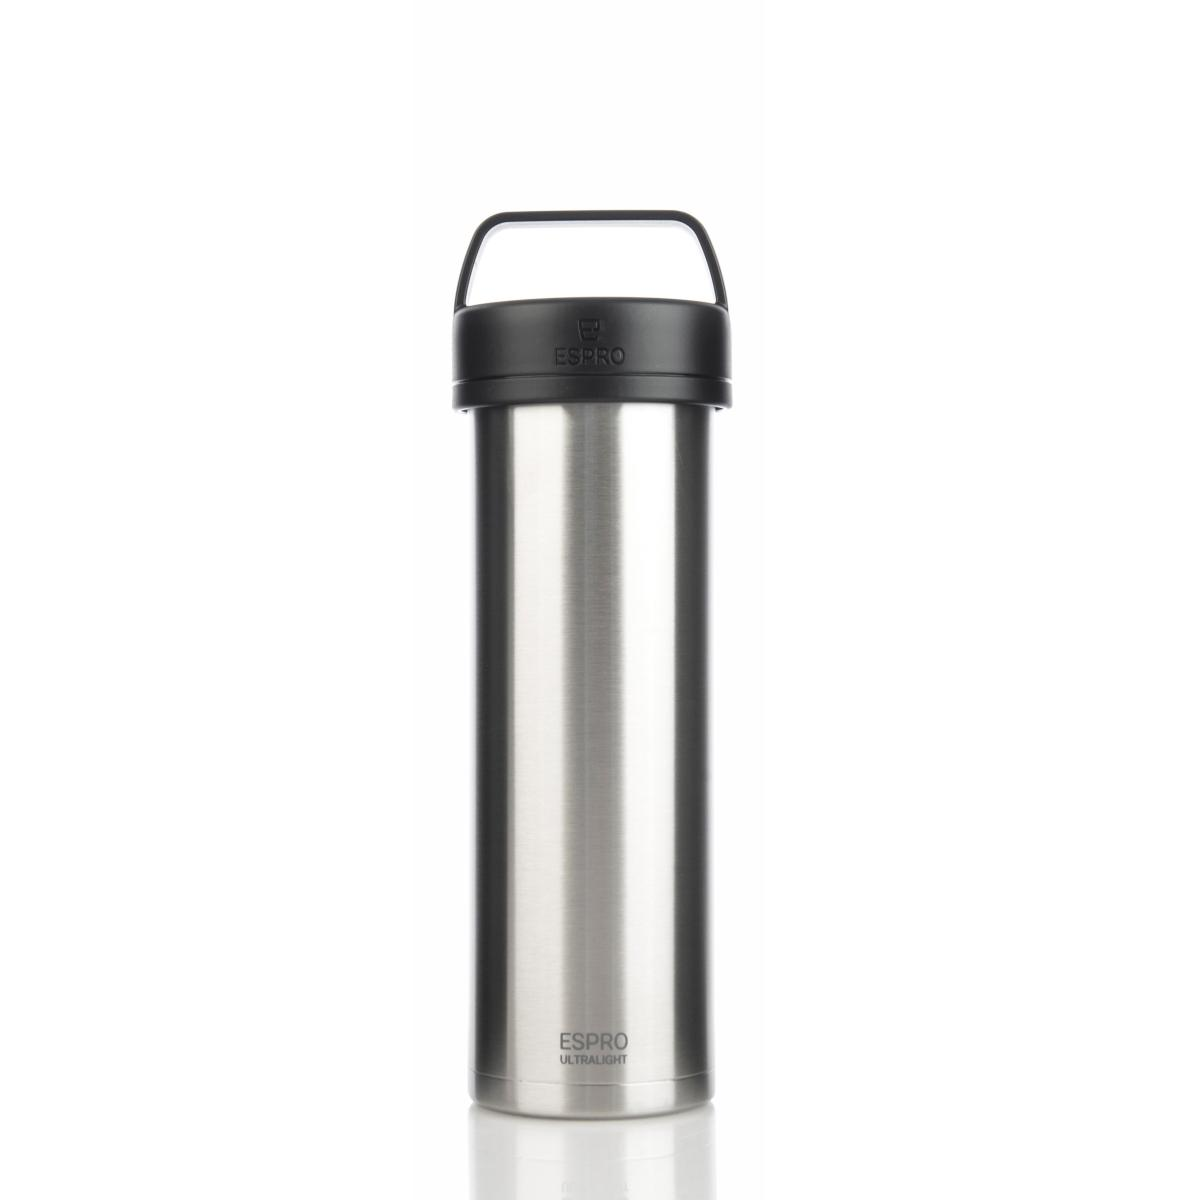 ESPRO Ultralight Kaffeezubereiter / Isolierflasche 475ml Edelstahl gebürstet